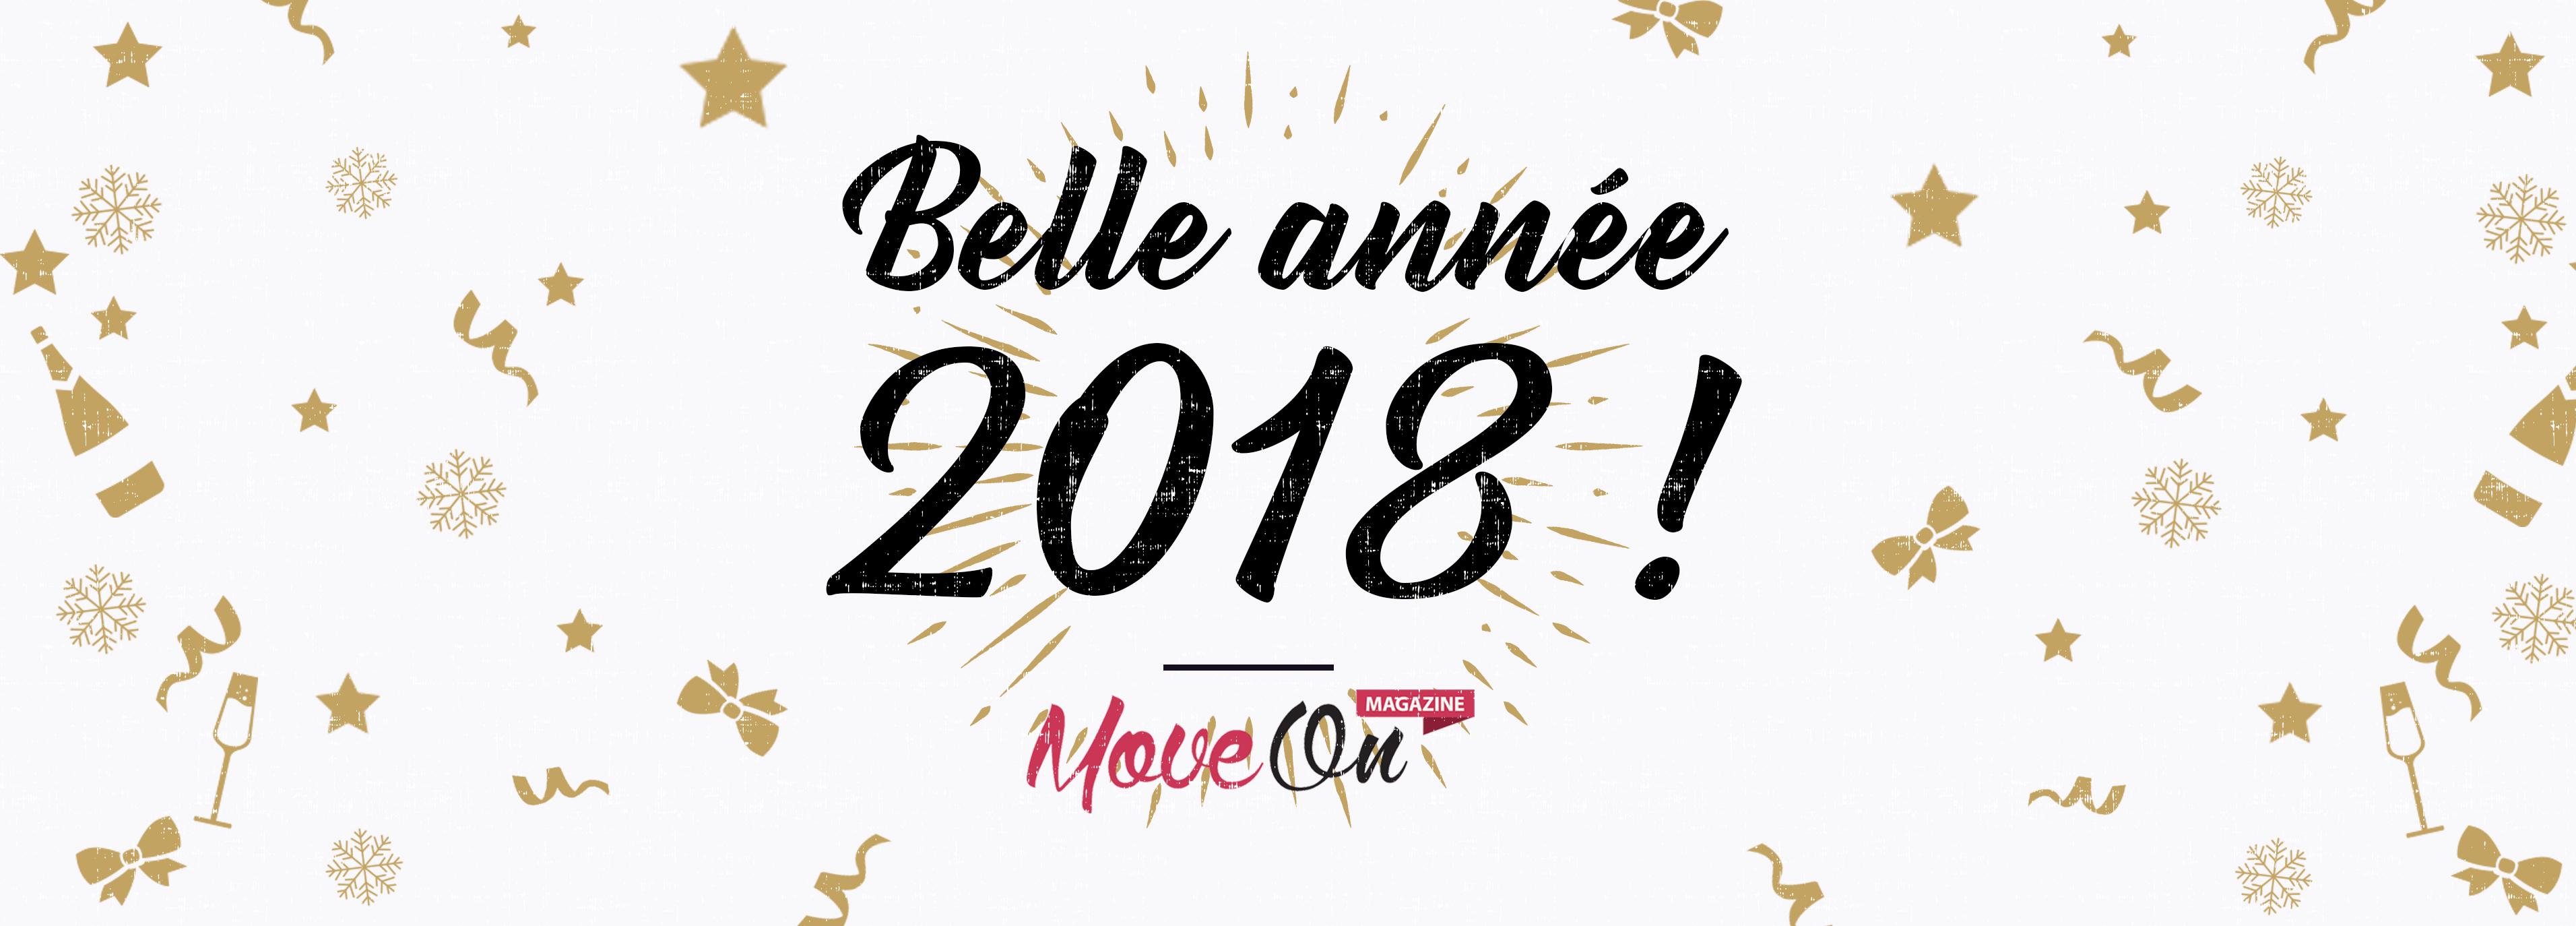 Move-On vous souhaite une bonne année 2018 !